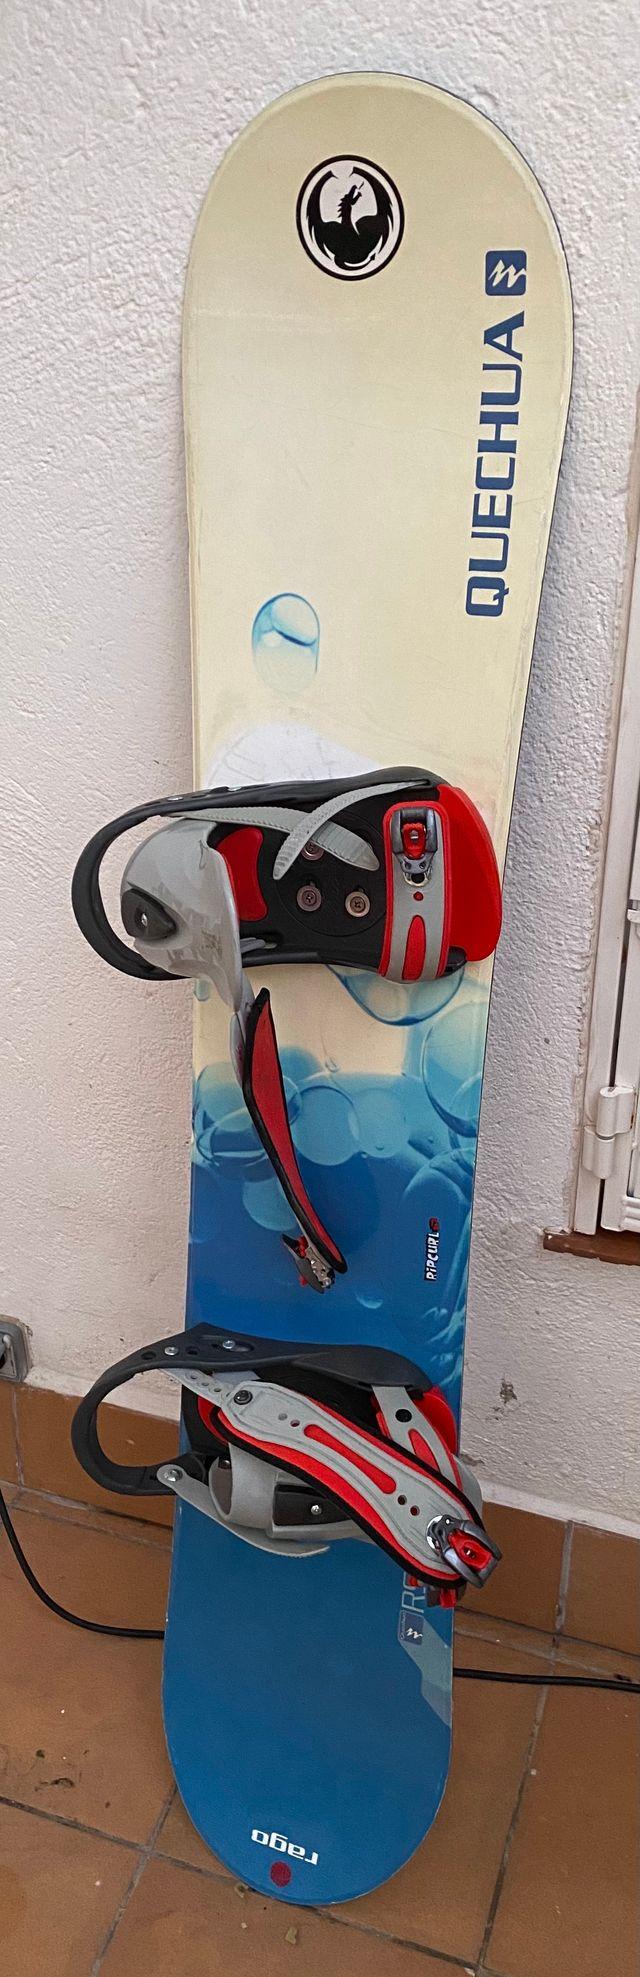 Tabla de snowboard Quechua